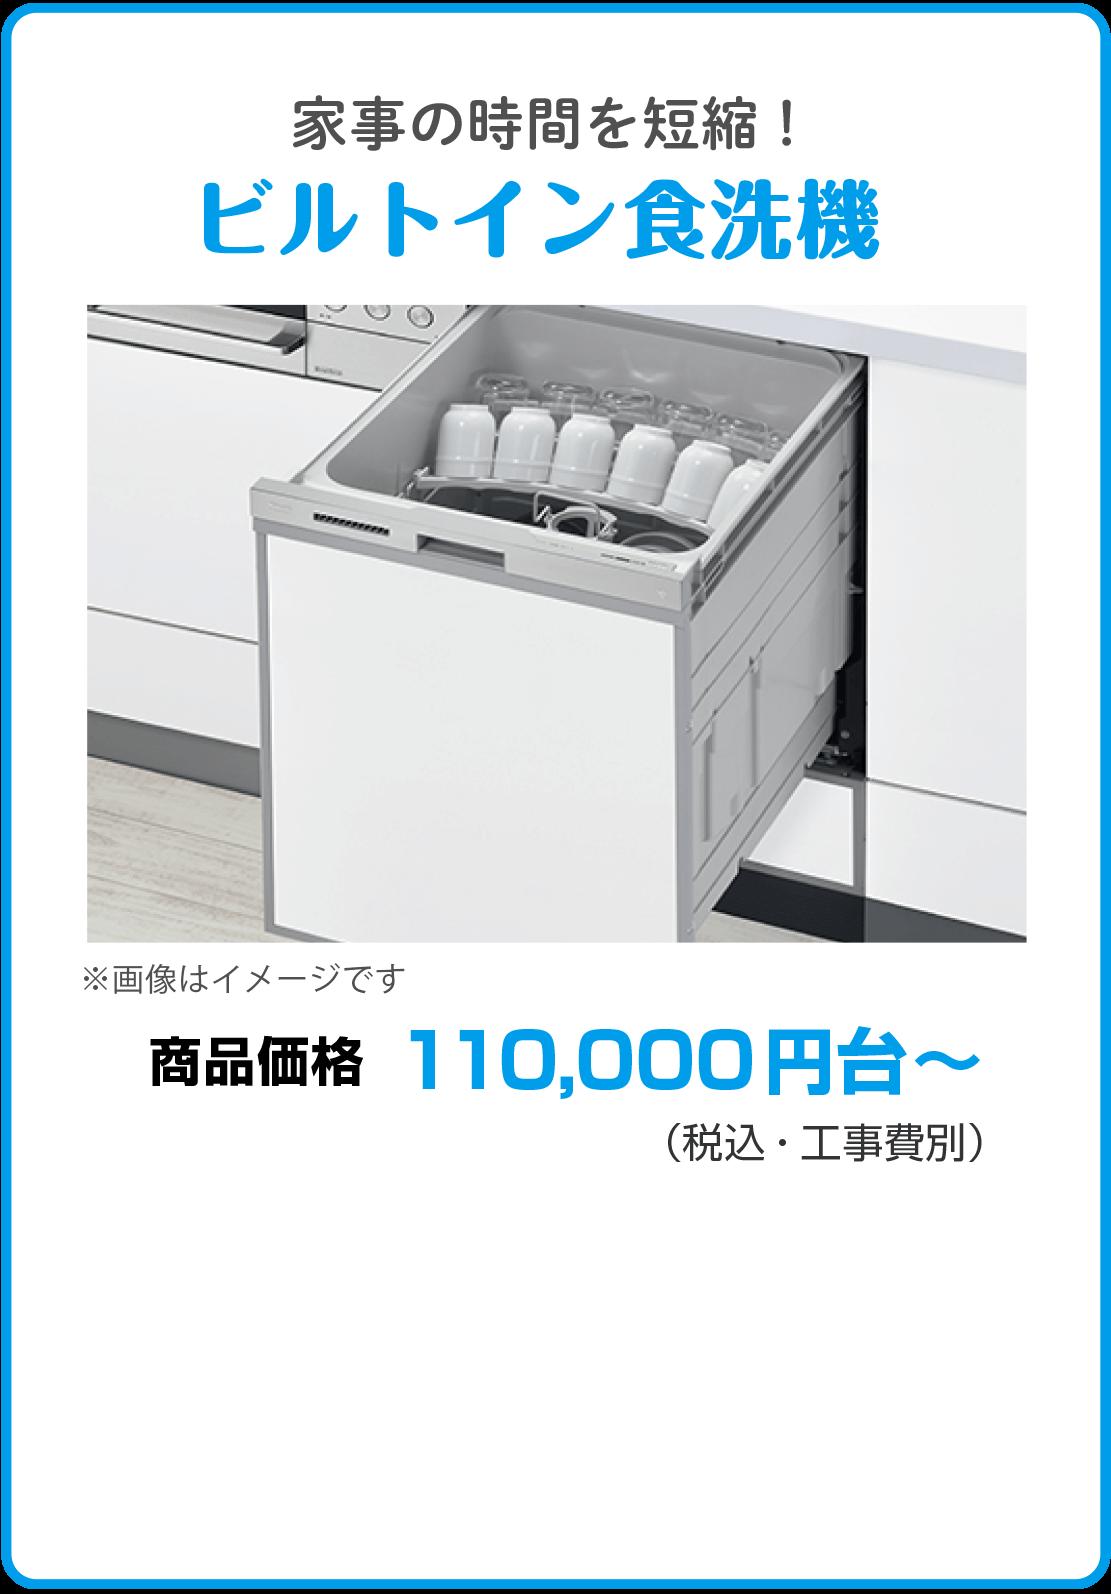 家事の時間を短縮!ビルトイン食洗機